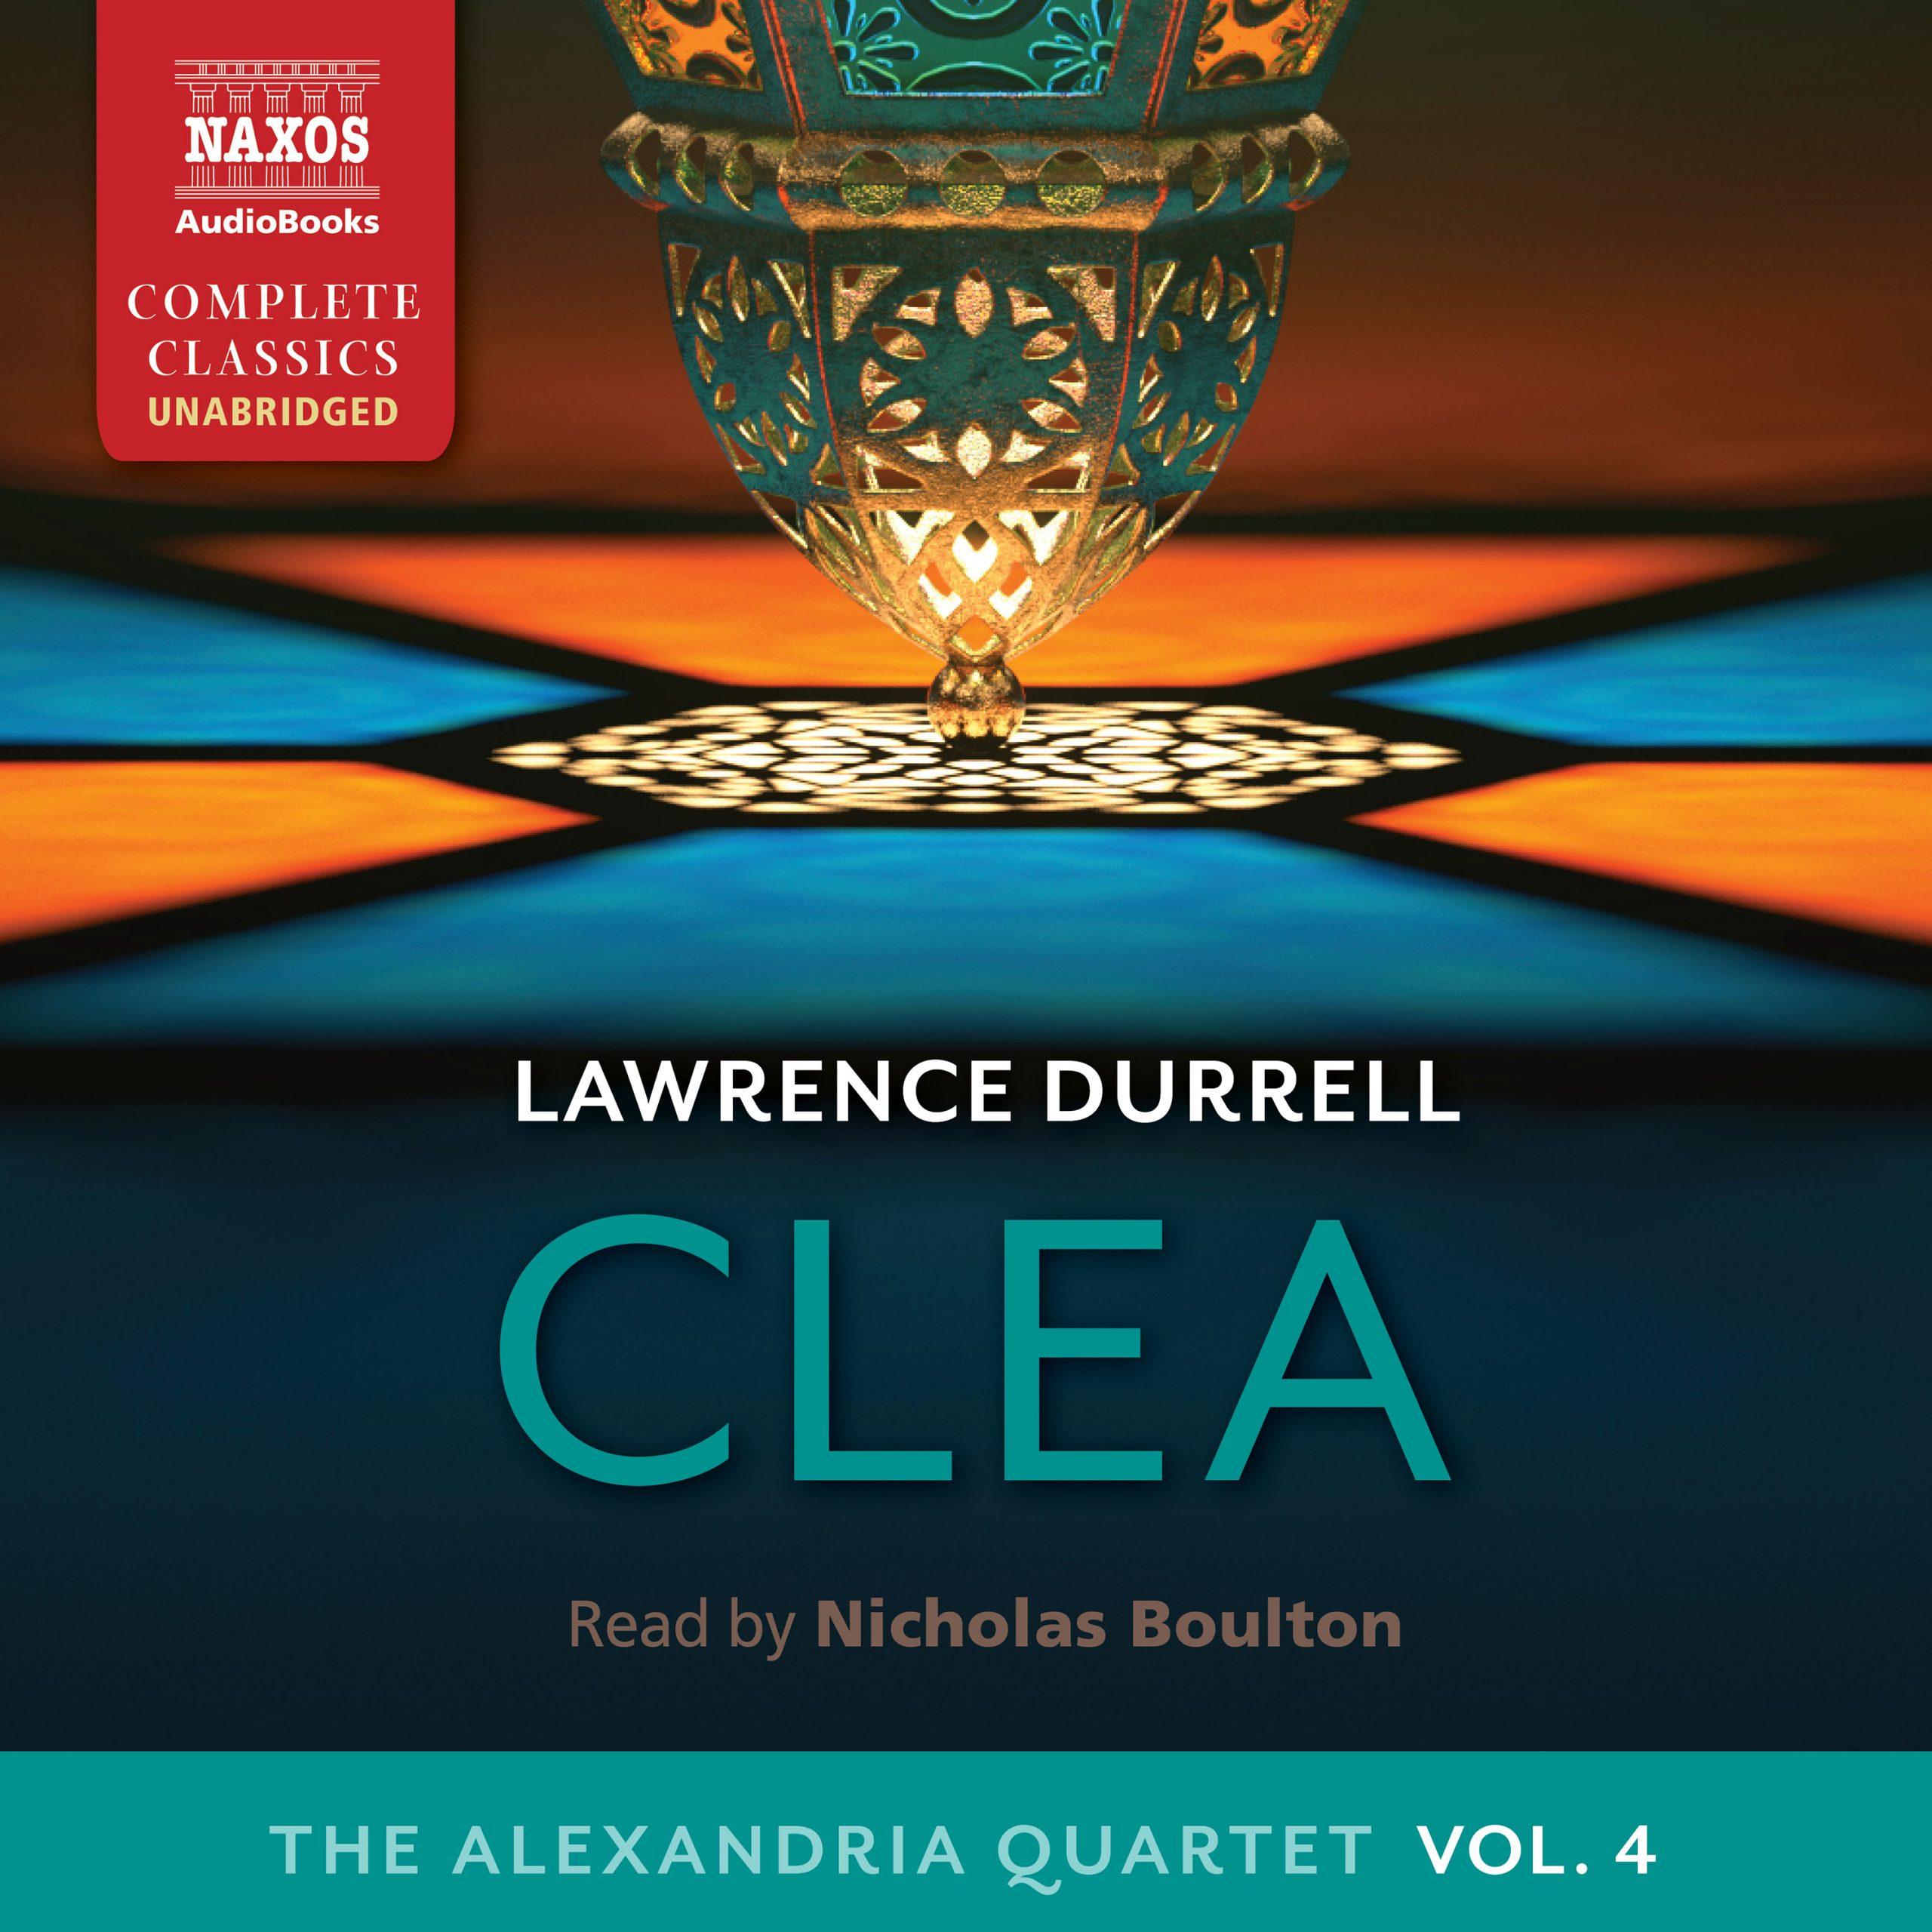 Clea (unabridged)